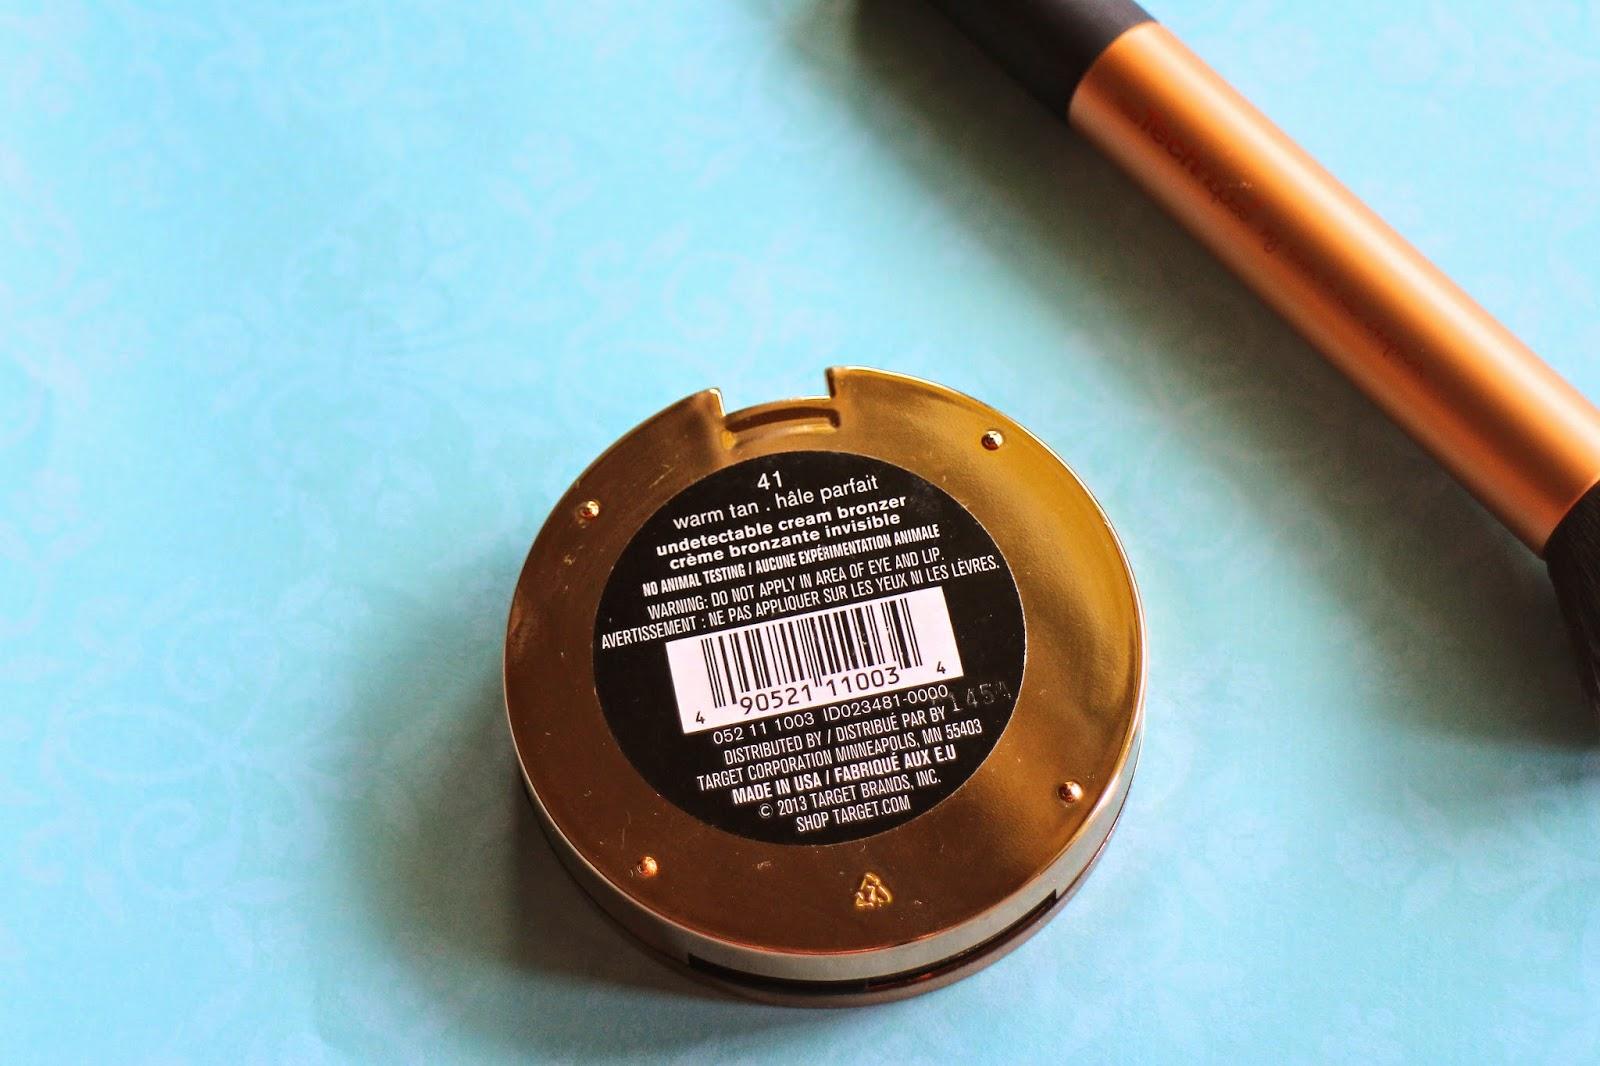 Swatch Sonia Kashuk Undetectable Creme Bronzer